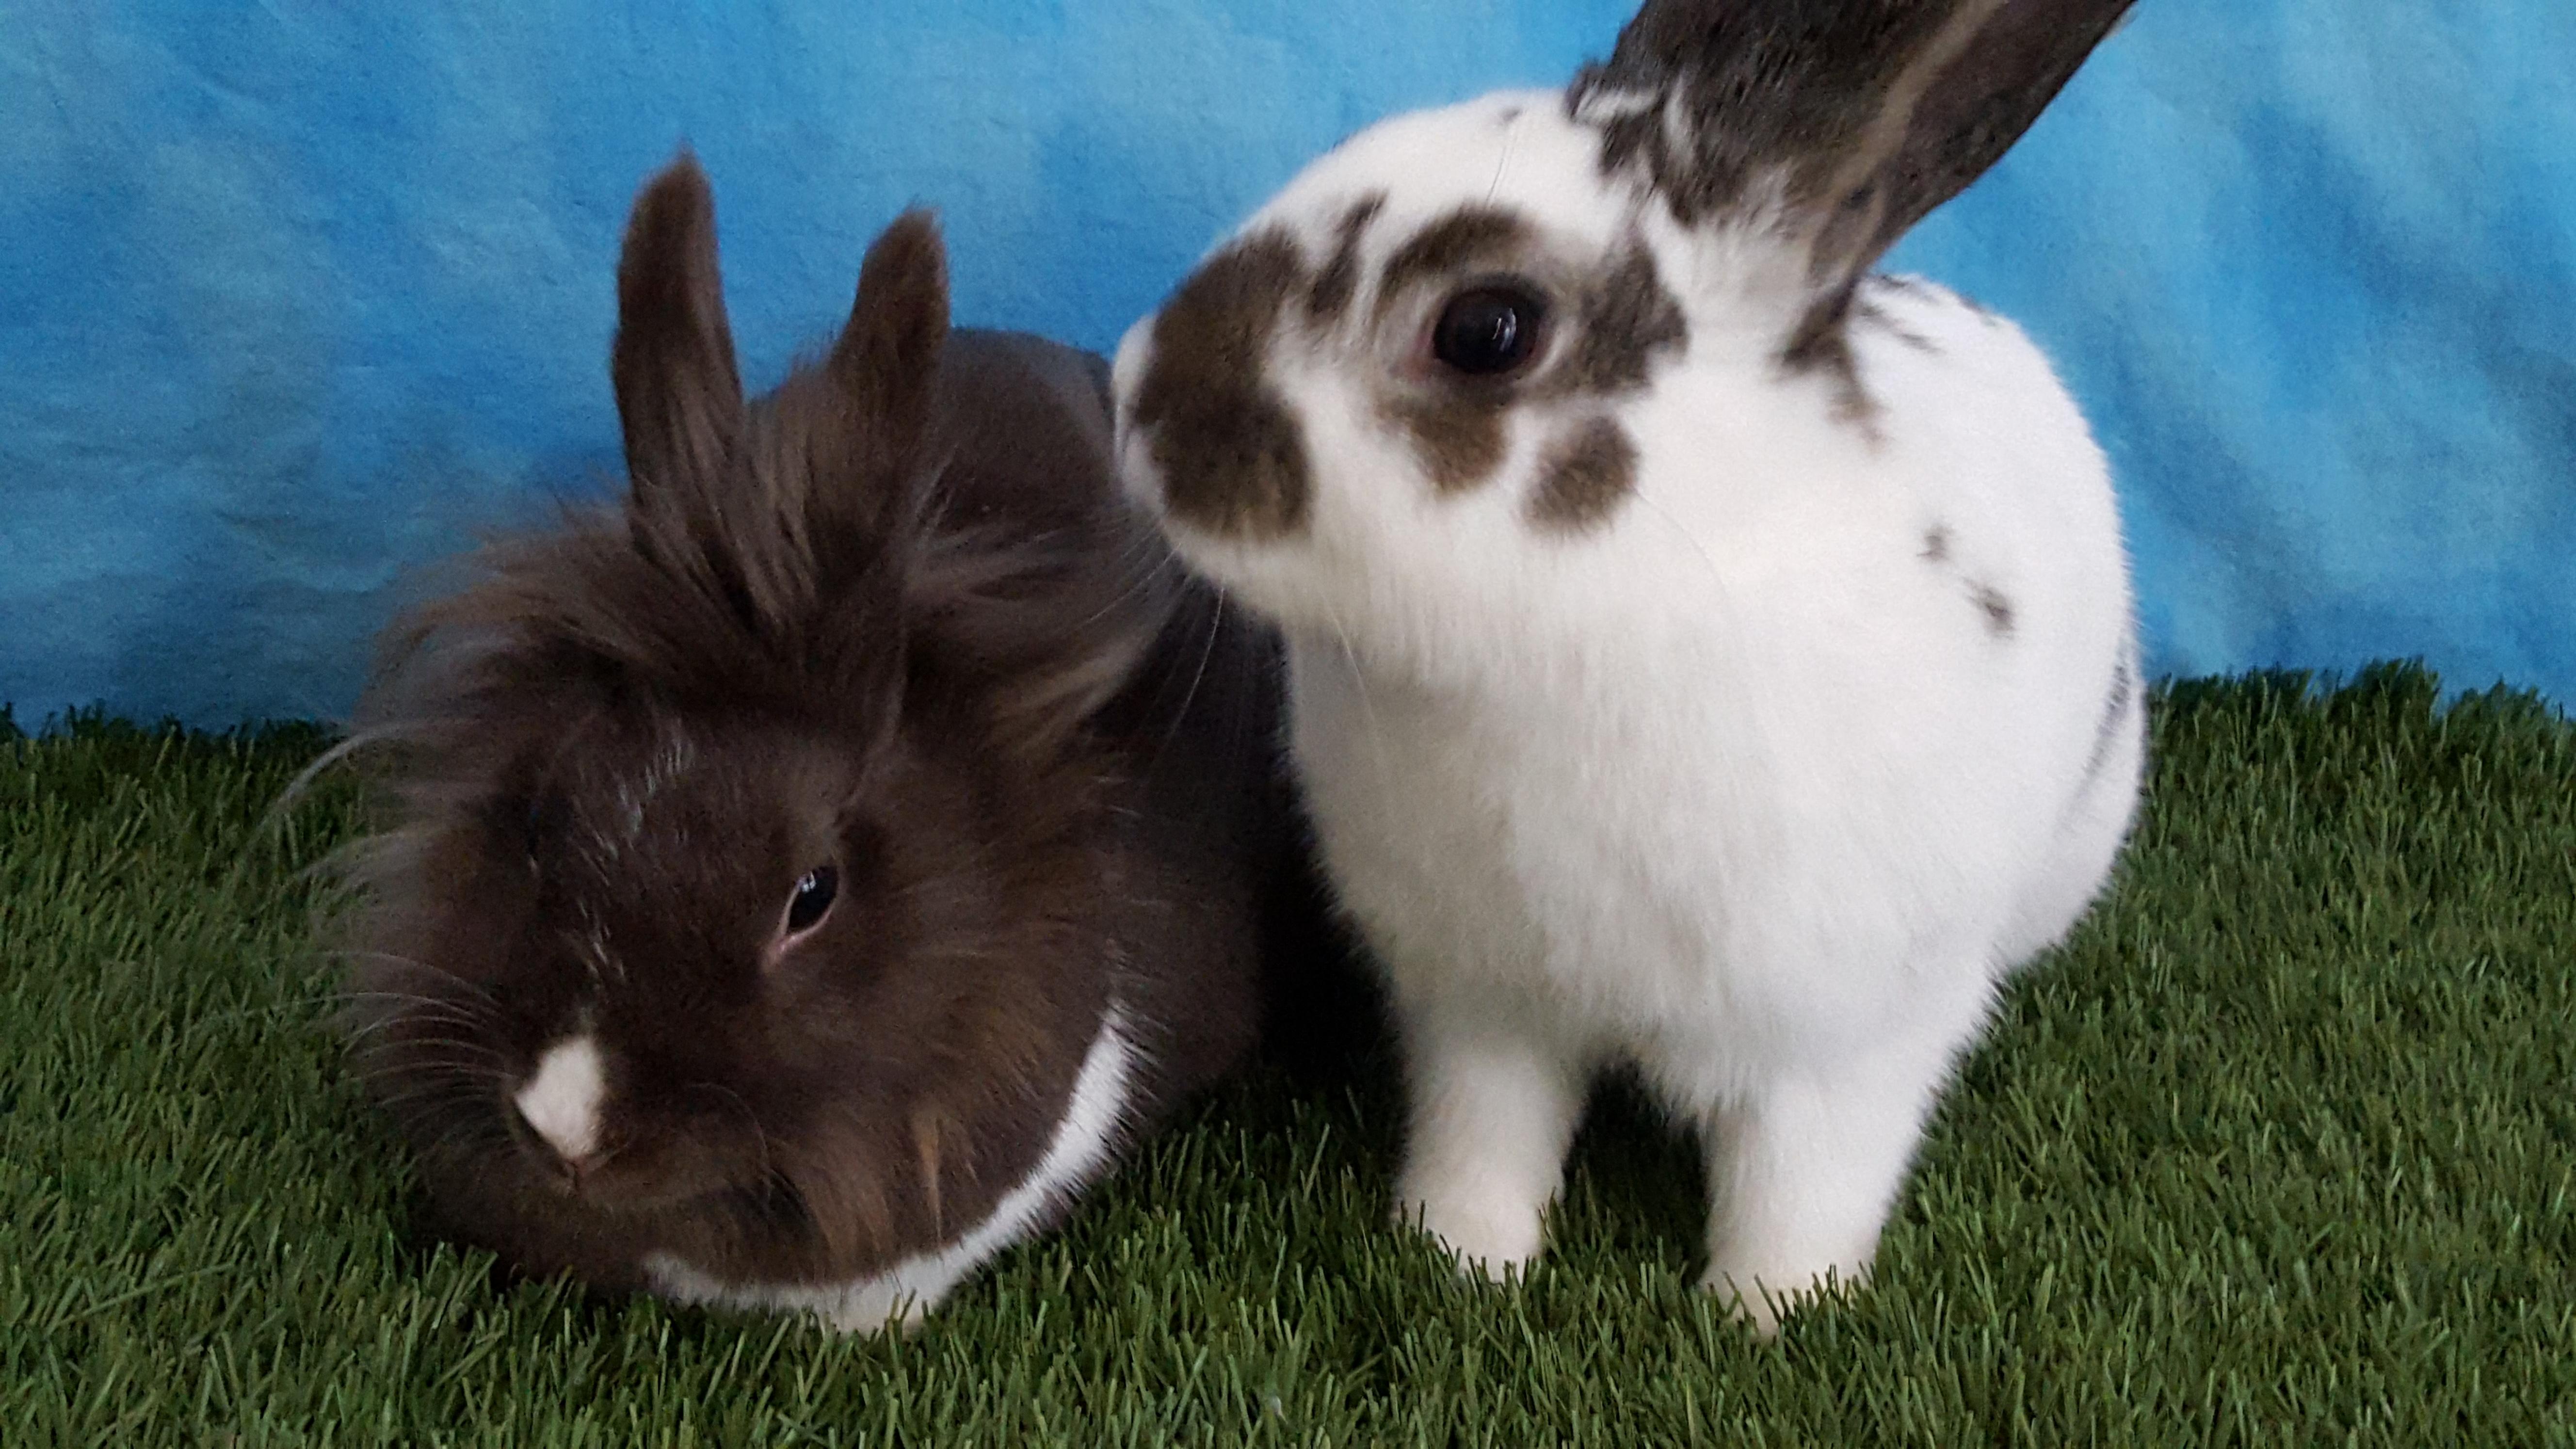 Thumper and Yukiko